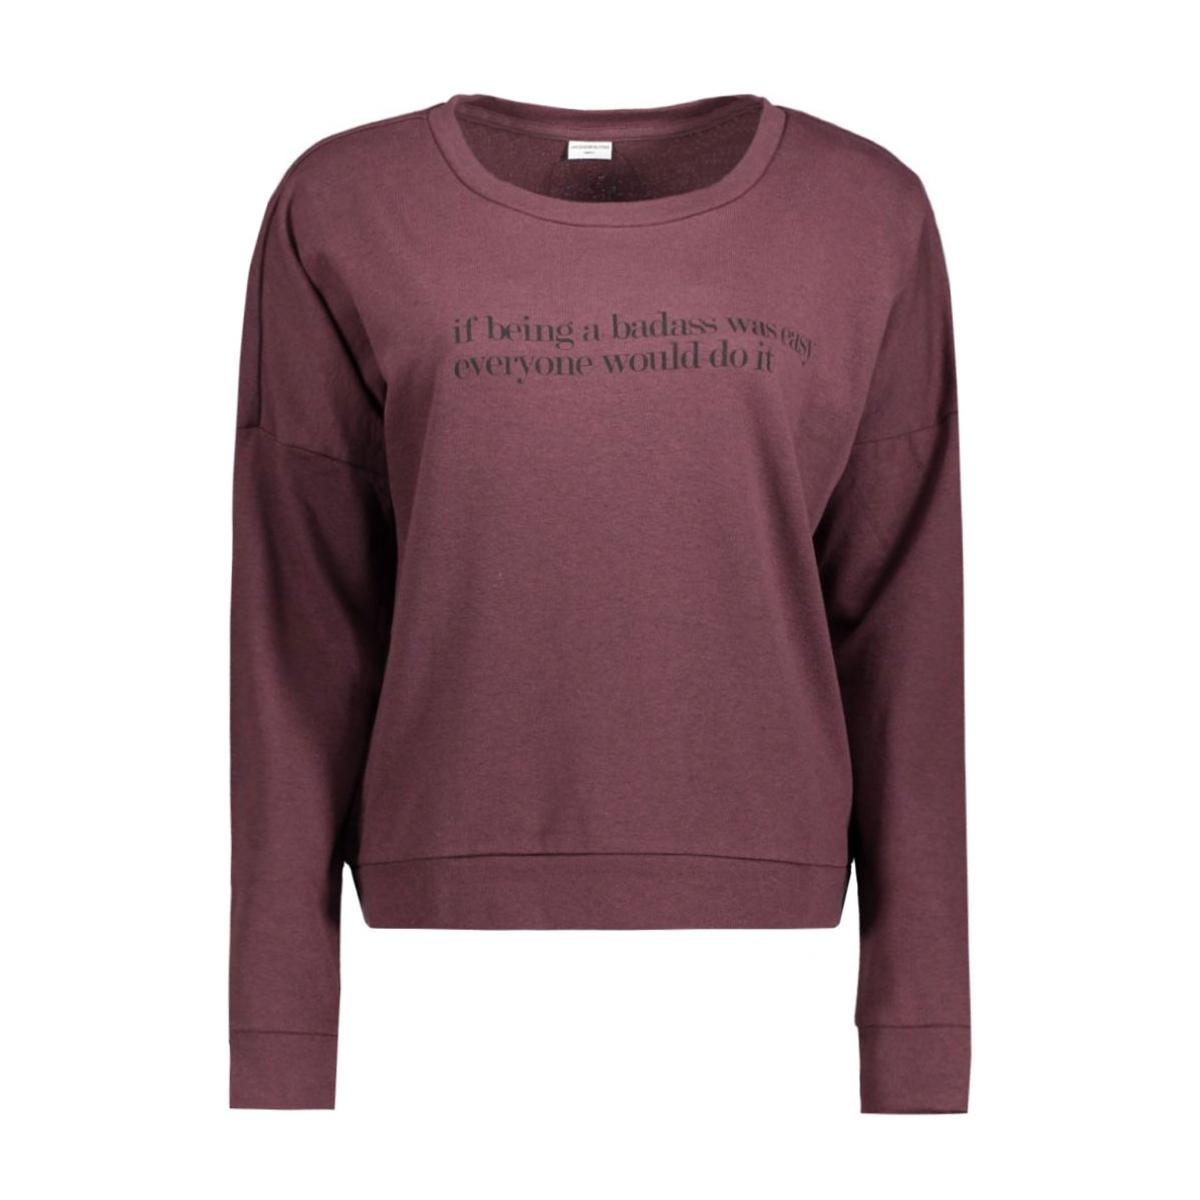 jdycamille l/s sweat jrs 15123193 jacqueline de yong sweater fudge/being